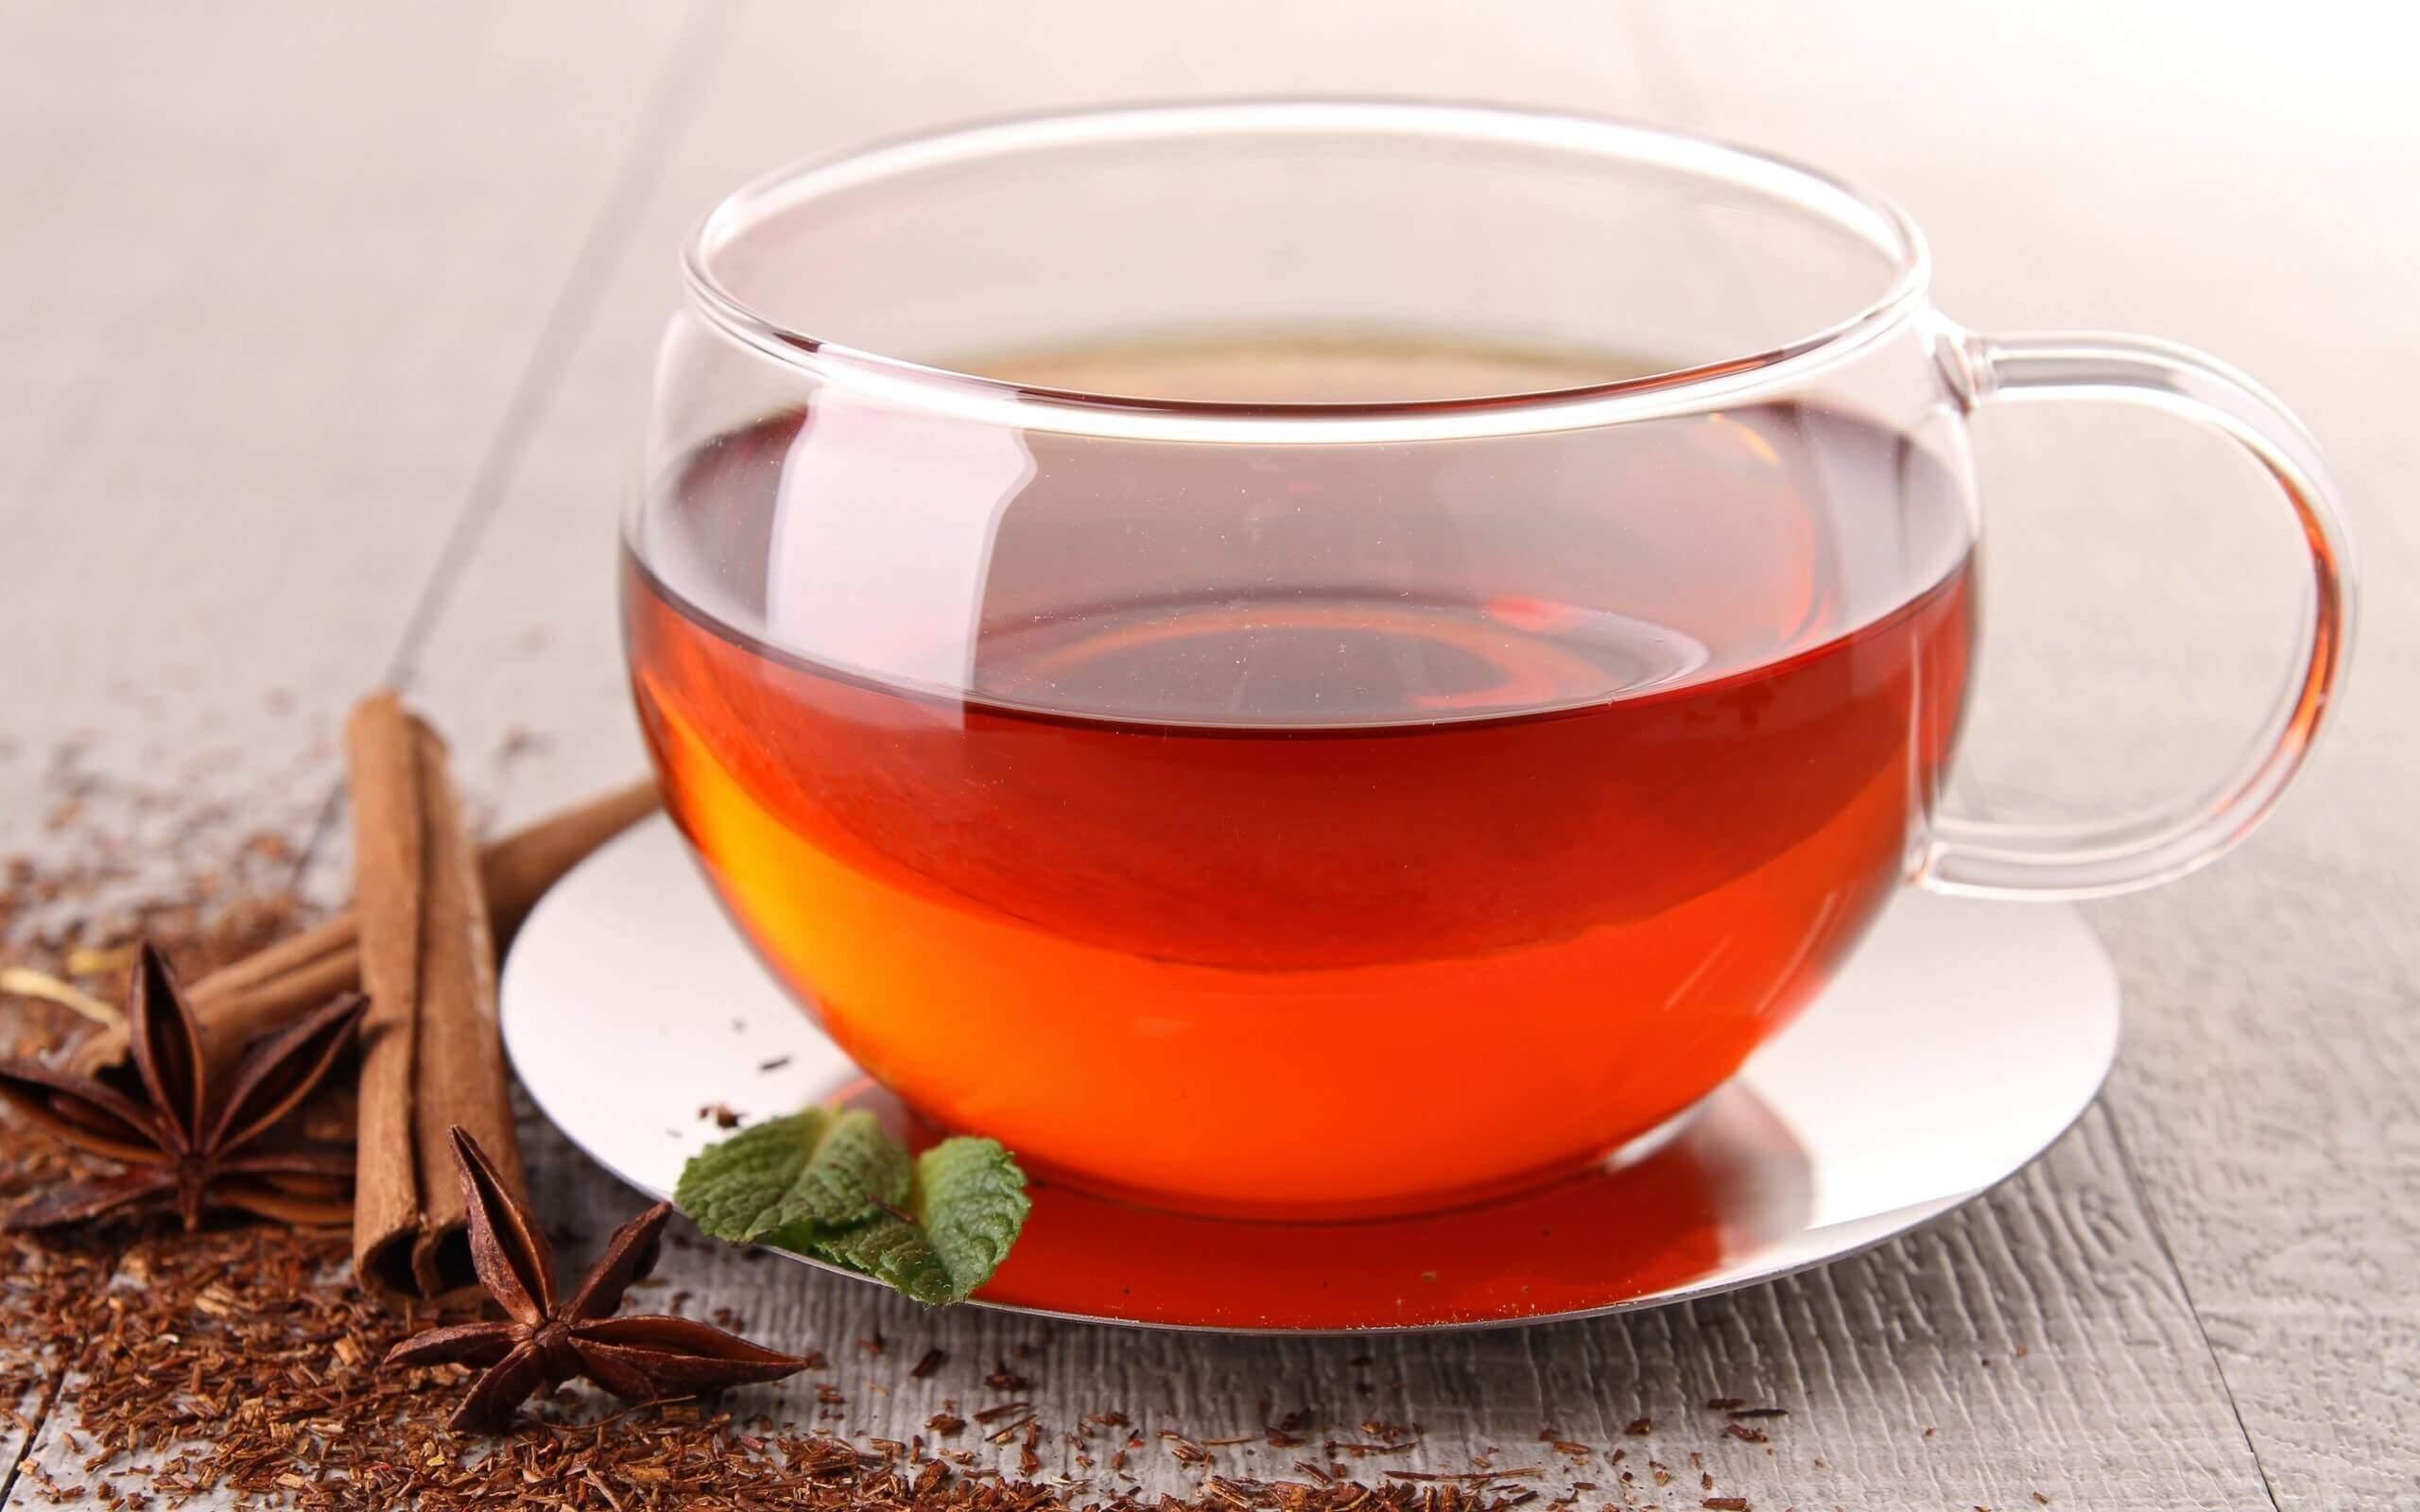 beneficios para la salud del té de canela